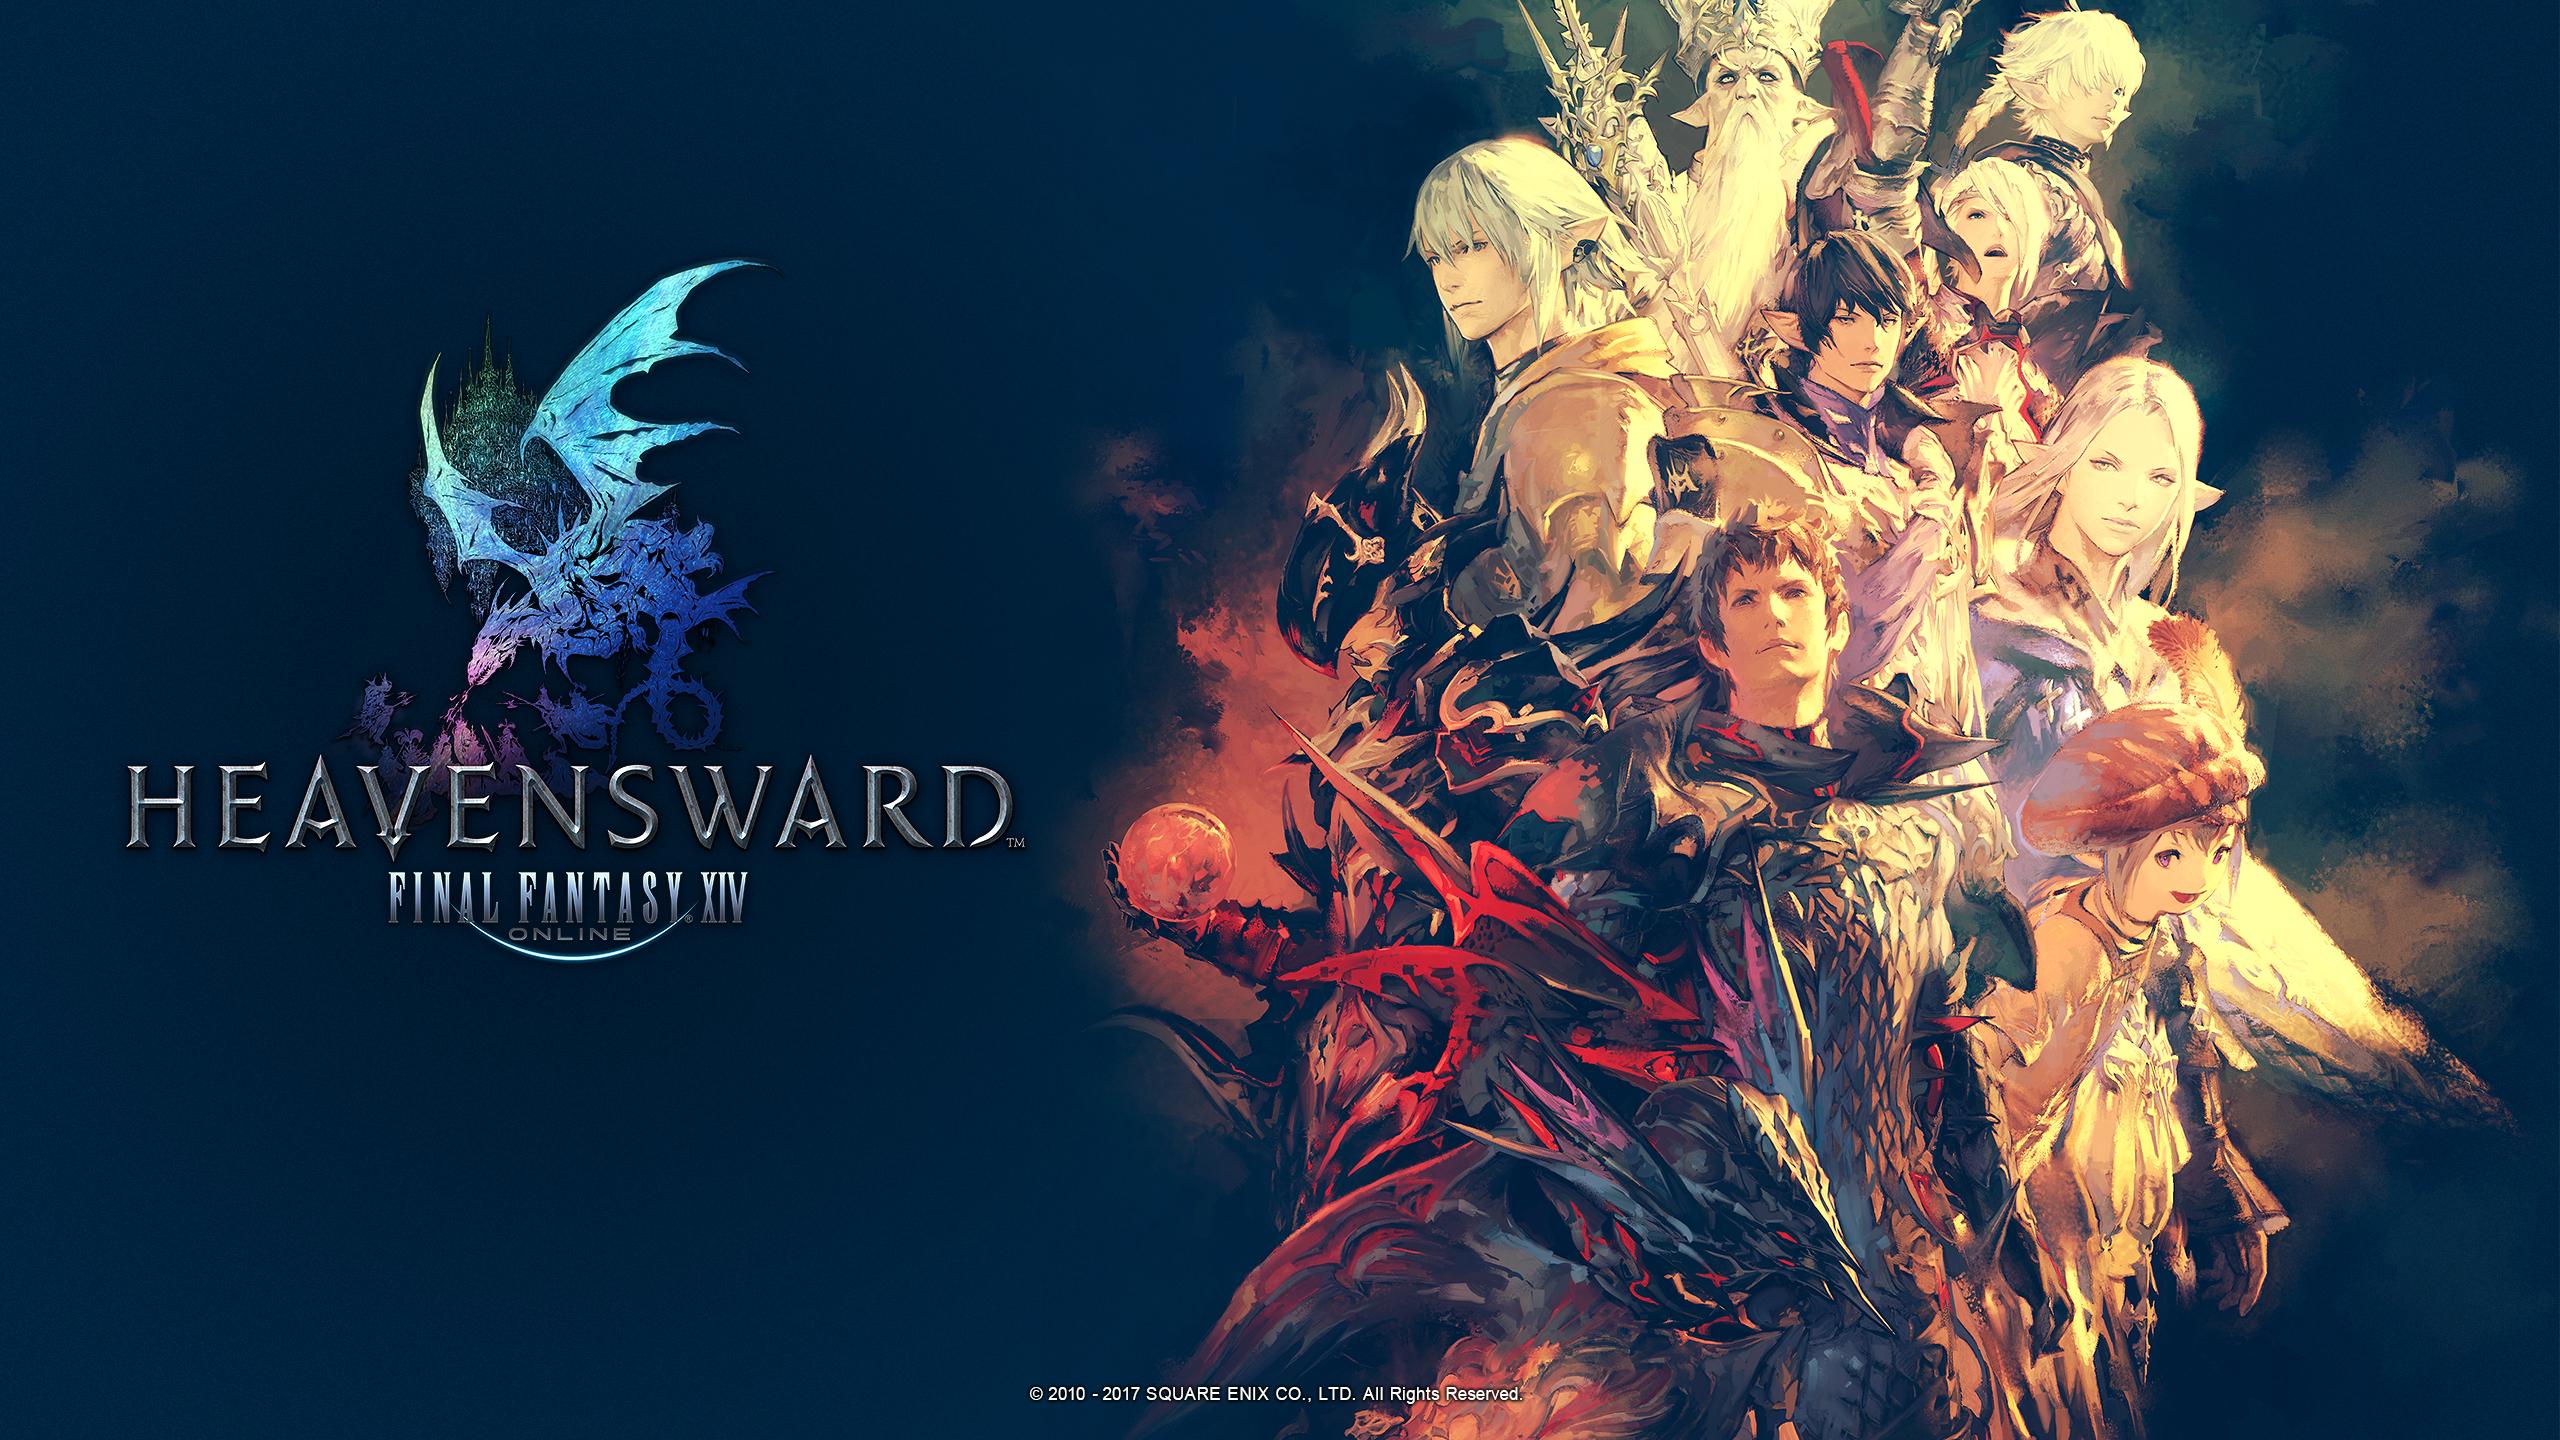 Hd Lock Screen Wallpaper Android Final Fantasy Xiv Fan Kit